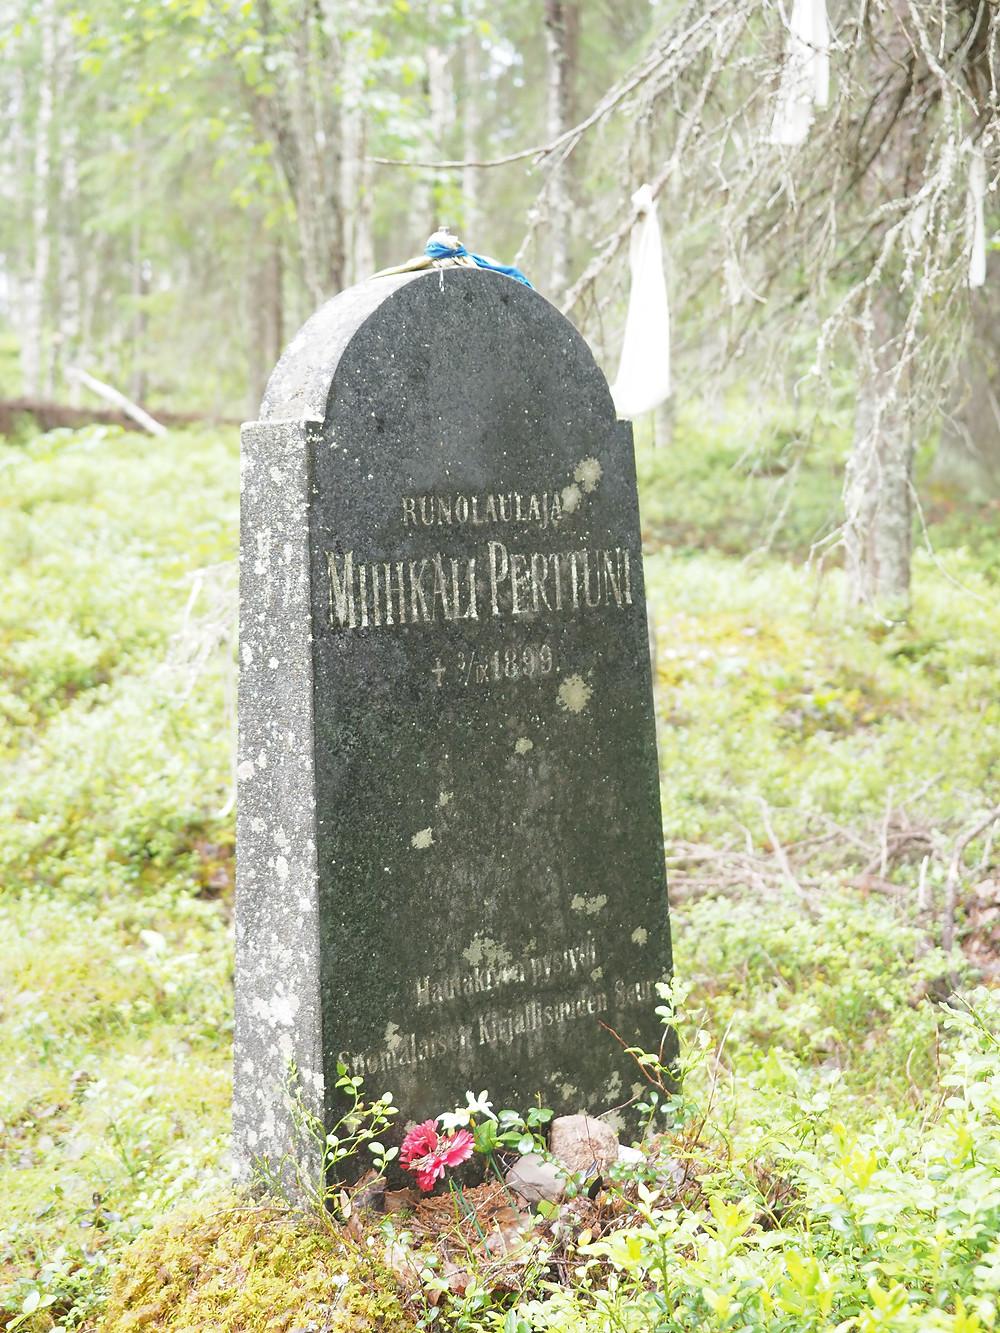 Suomalaisen Kirjallisuuden Seura kunnioitti Miihkali Arhippaista kivisellä paadella.